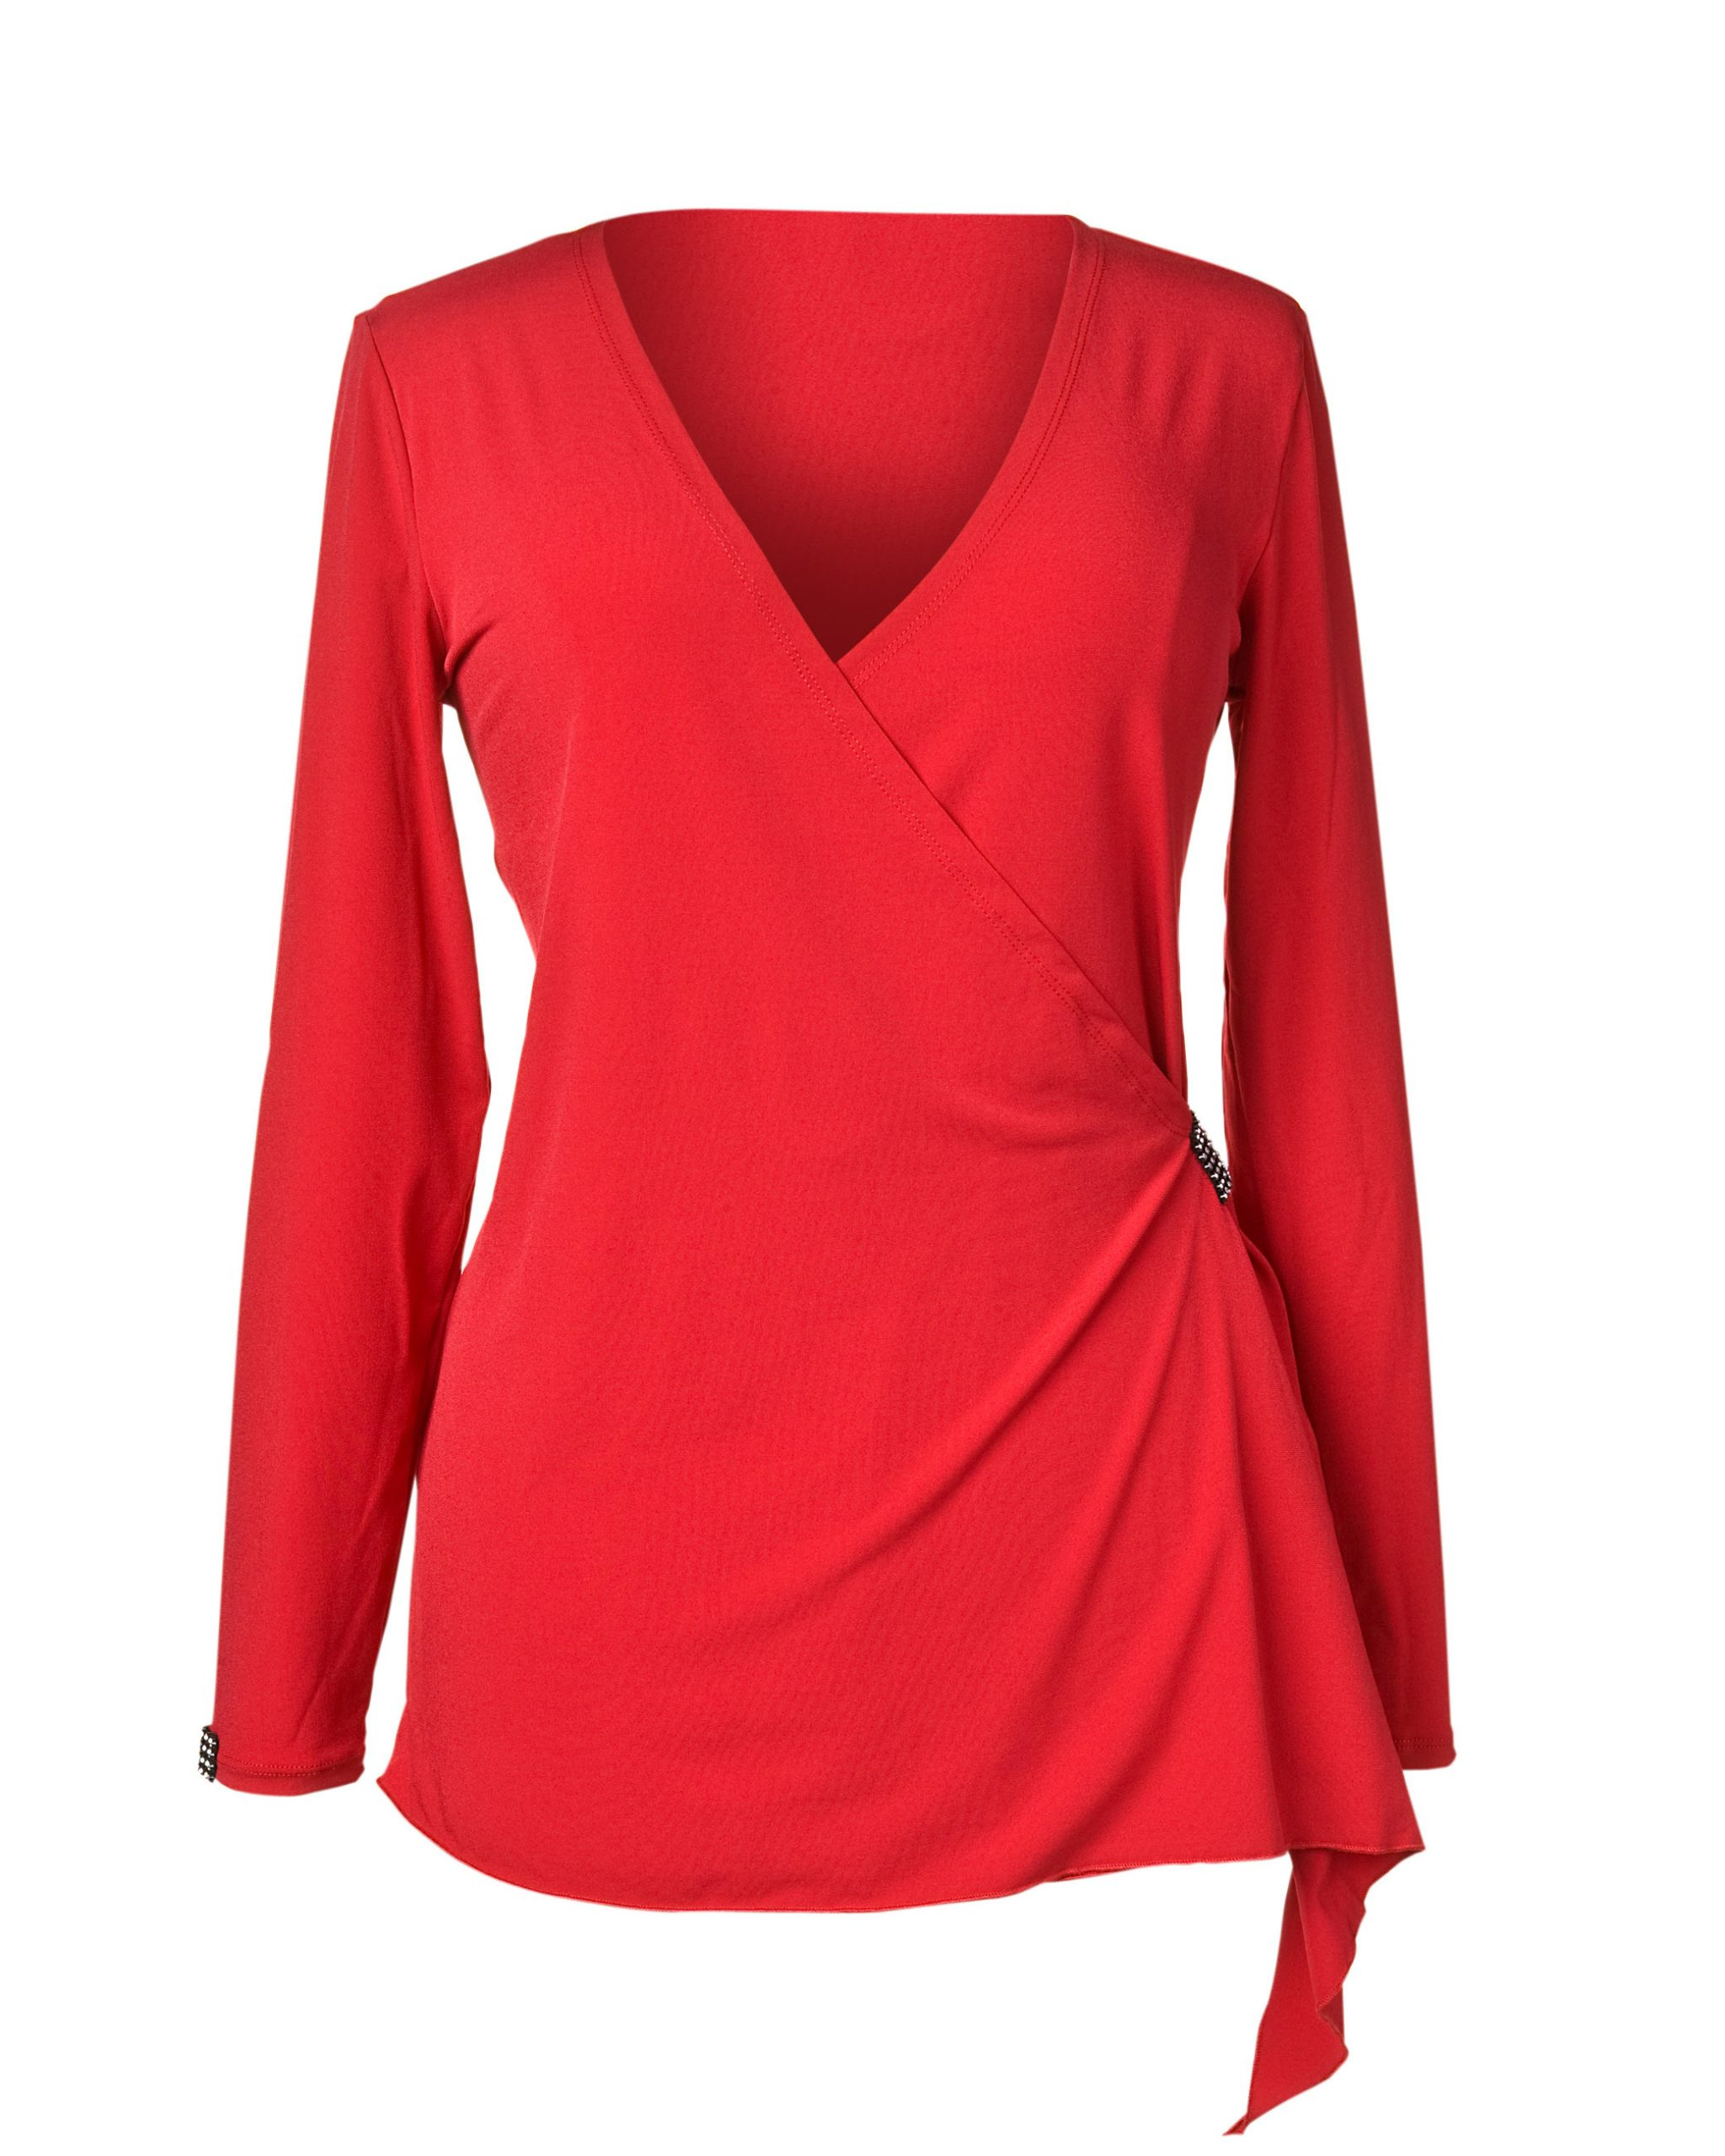 Voll Farbe Hse24 Zeigt Die Aktuellen Modetrends Hse24